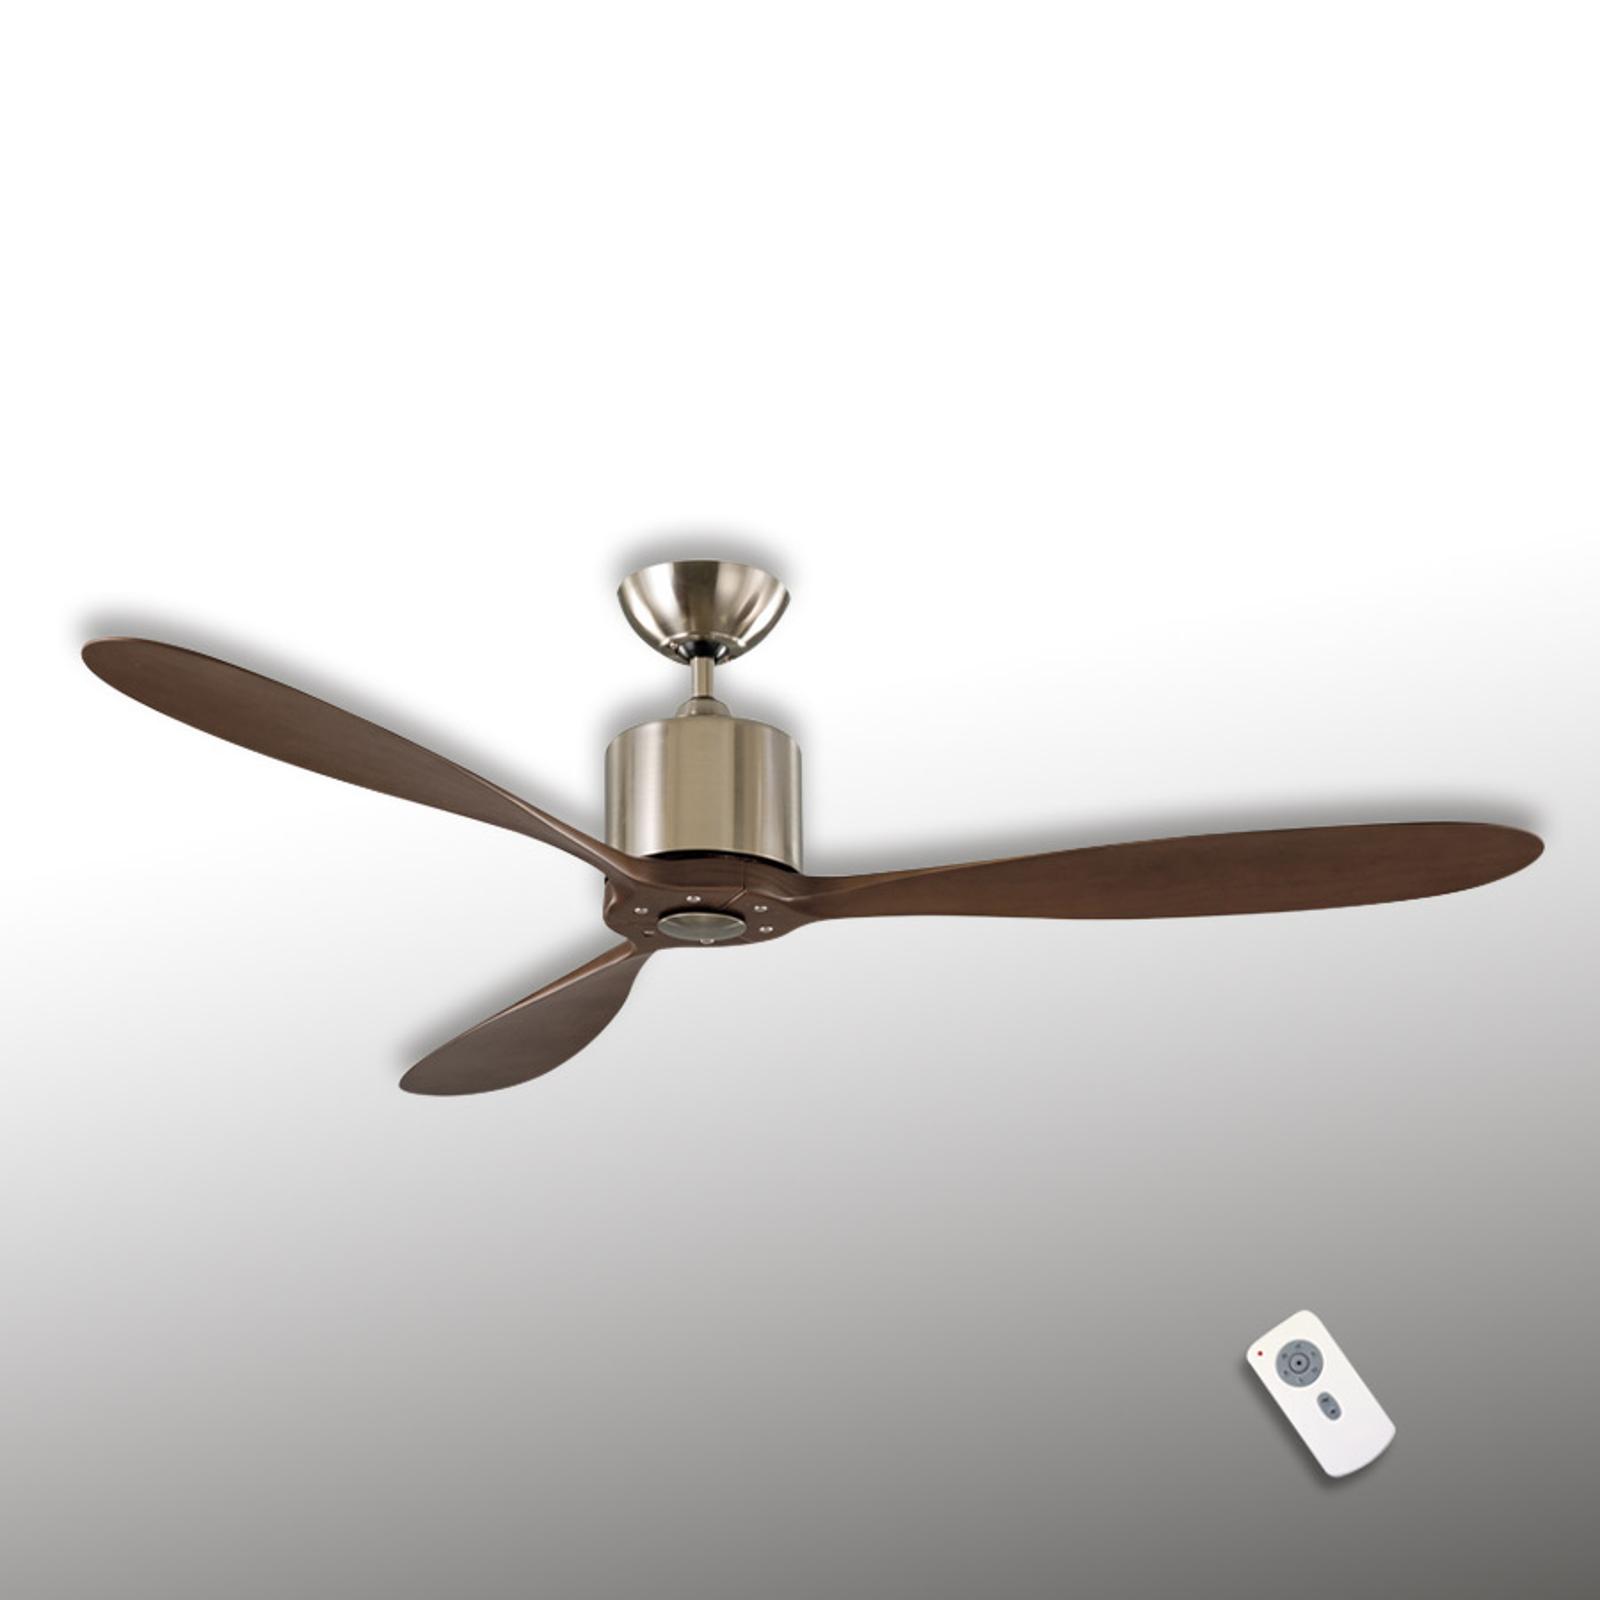 Aeroplan Eco stropný ventilátor, chróm, orech_2015068_1